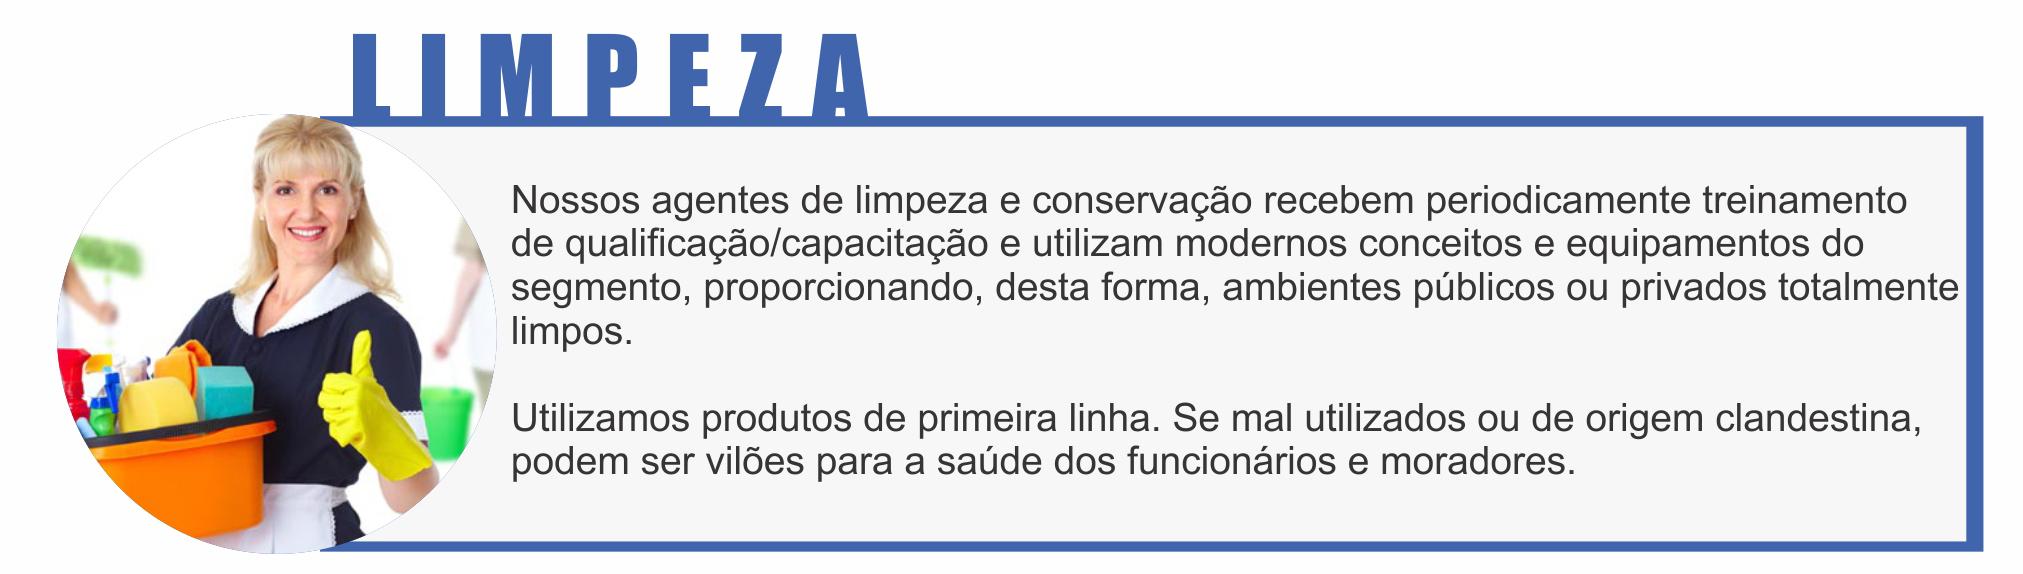 limpeza PÁGINA